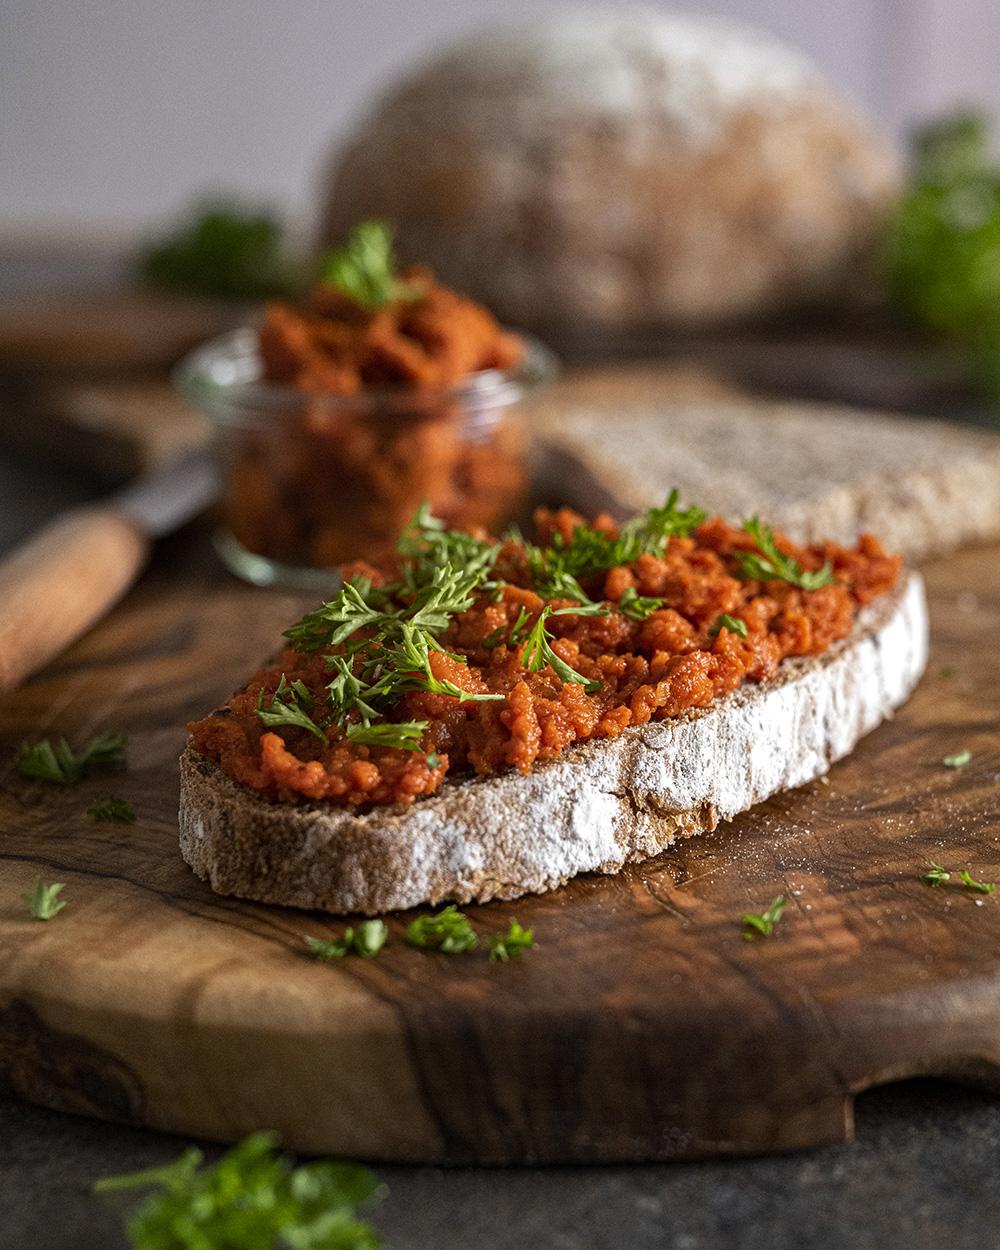 Auf dem Bild ist eine Scheibe Brot zu sehen, die wir mit unserem herzhaften Möhren-Dip bestrichen haben. Garniert haben wir sie zusätzlich mit frischer Petersilie.